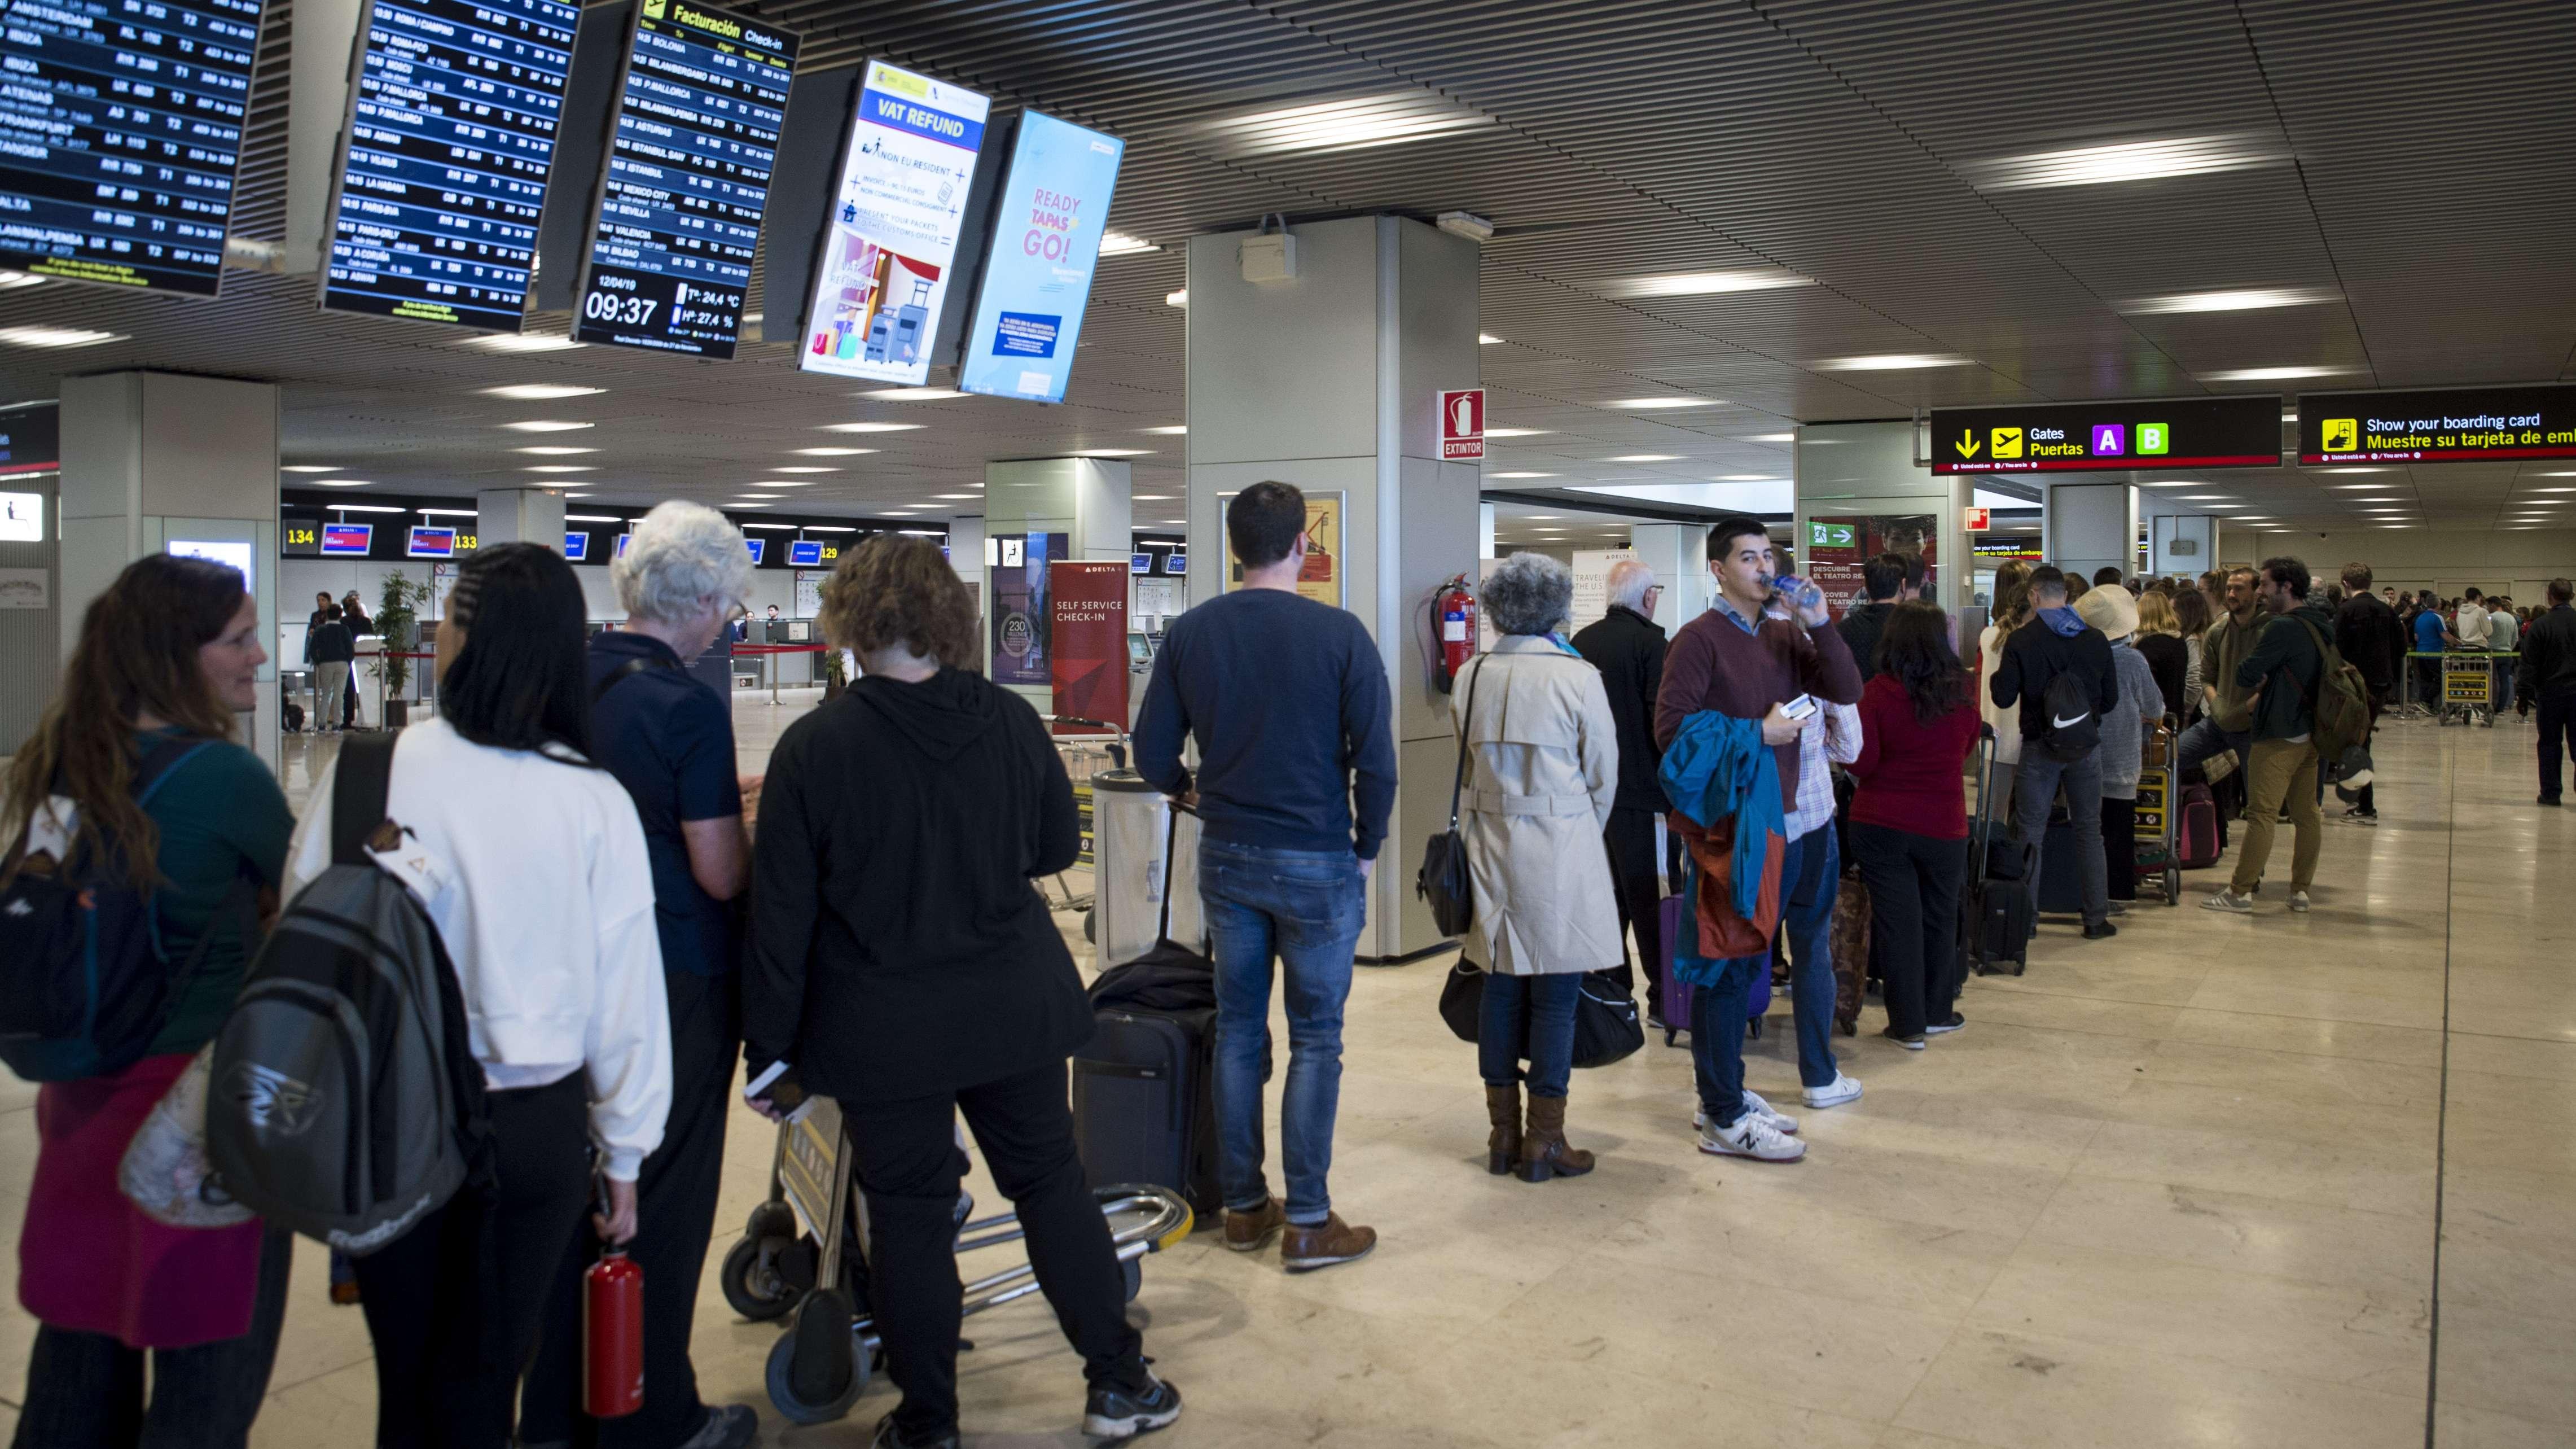 """Eine Warteschlange hat sich an der Sicherheitskontrolle am Flughafen """"Adolfo Suarez Barajas"""" gebildet. Das Sicherheitspersonal des Airports streikt."""